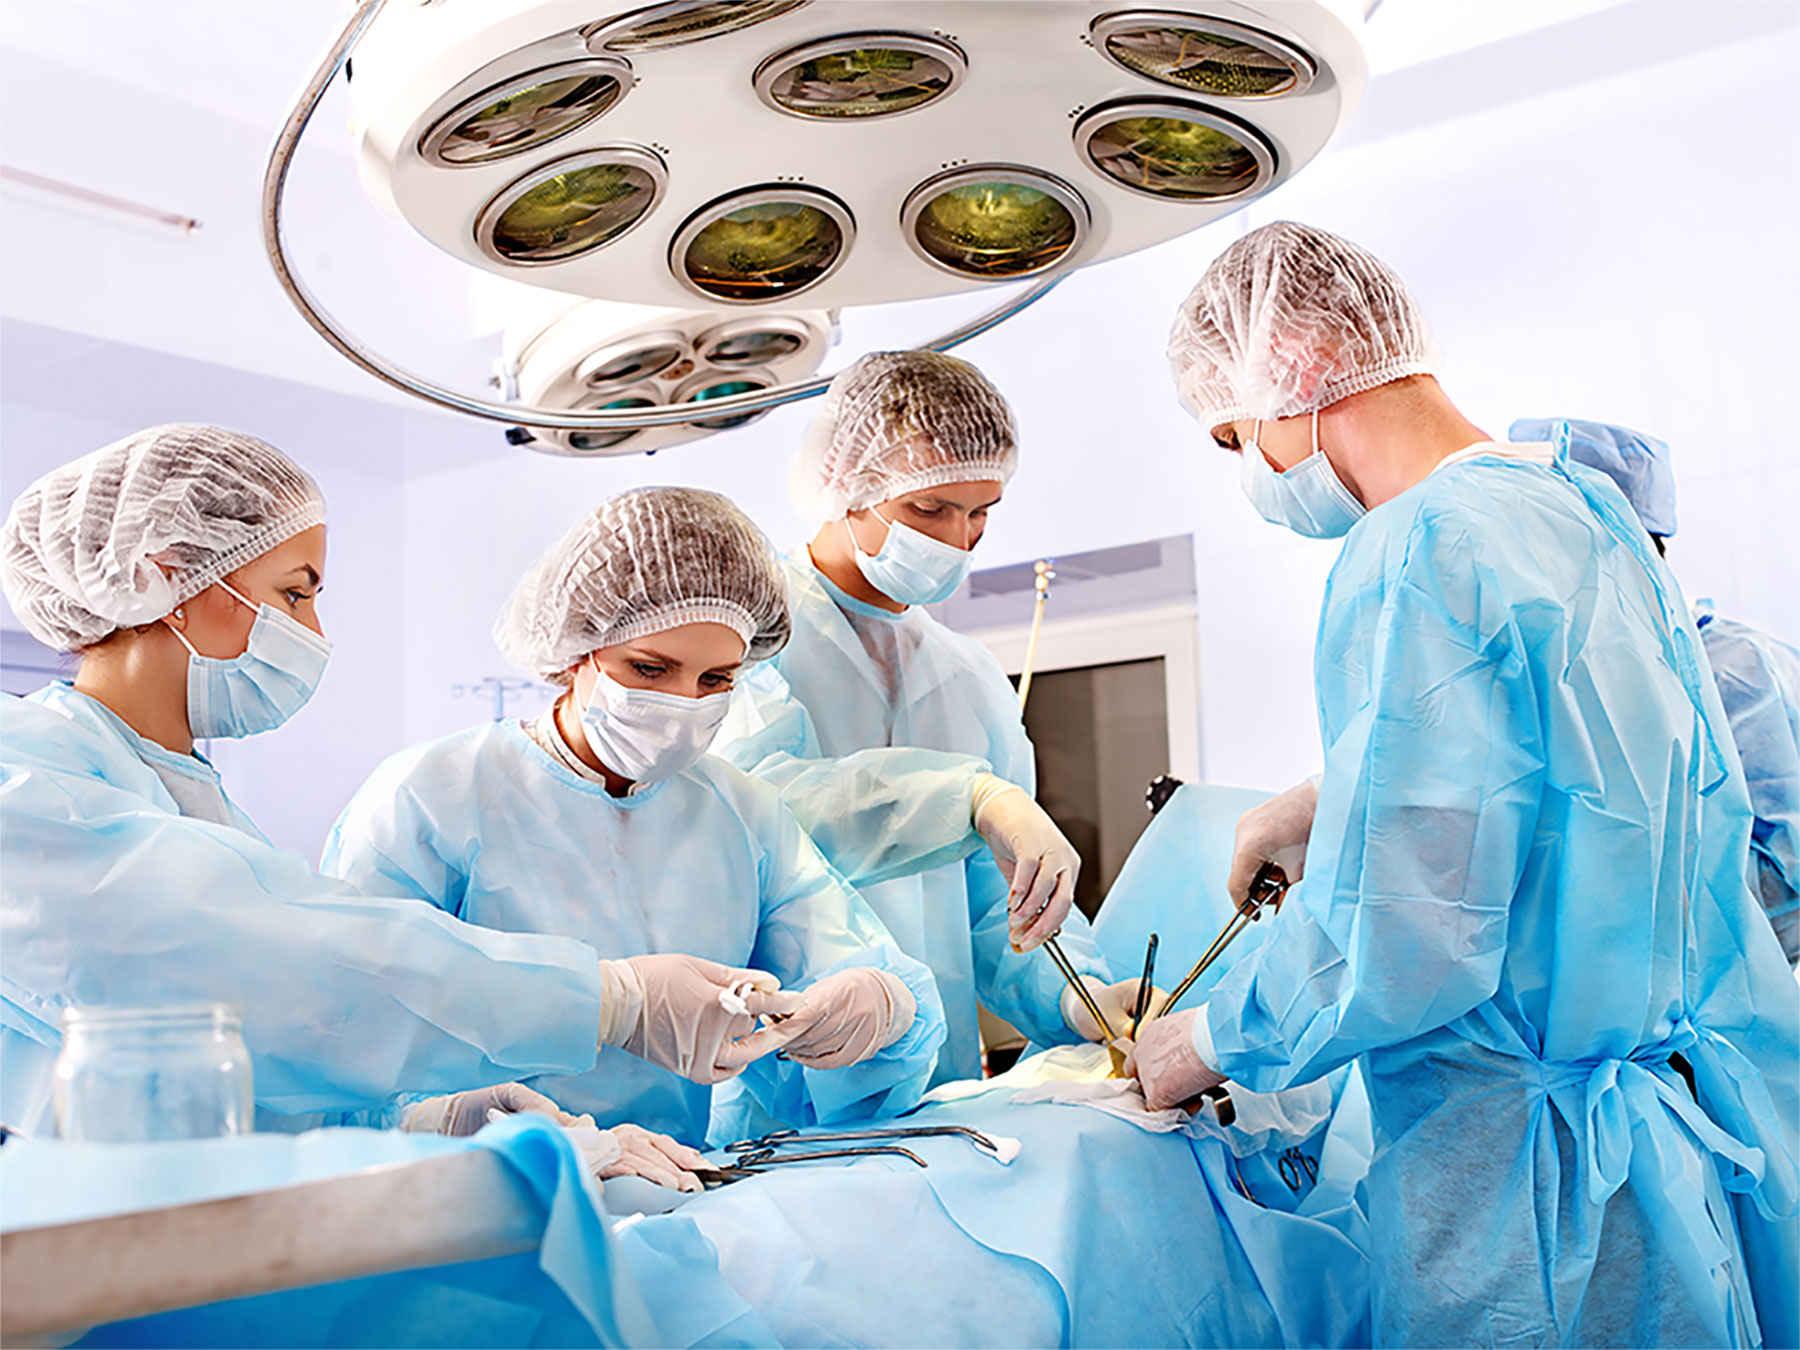 ازجمله روش های جراحی عبارتاند از: